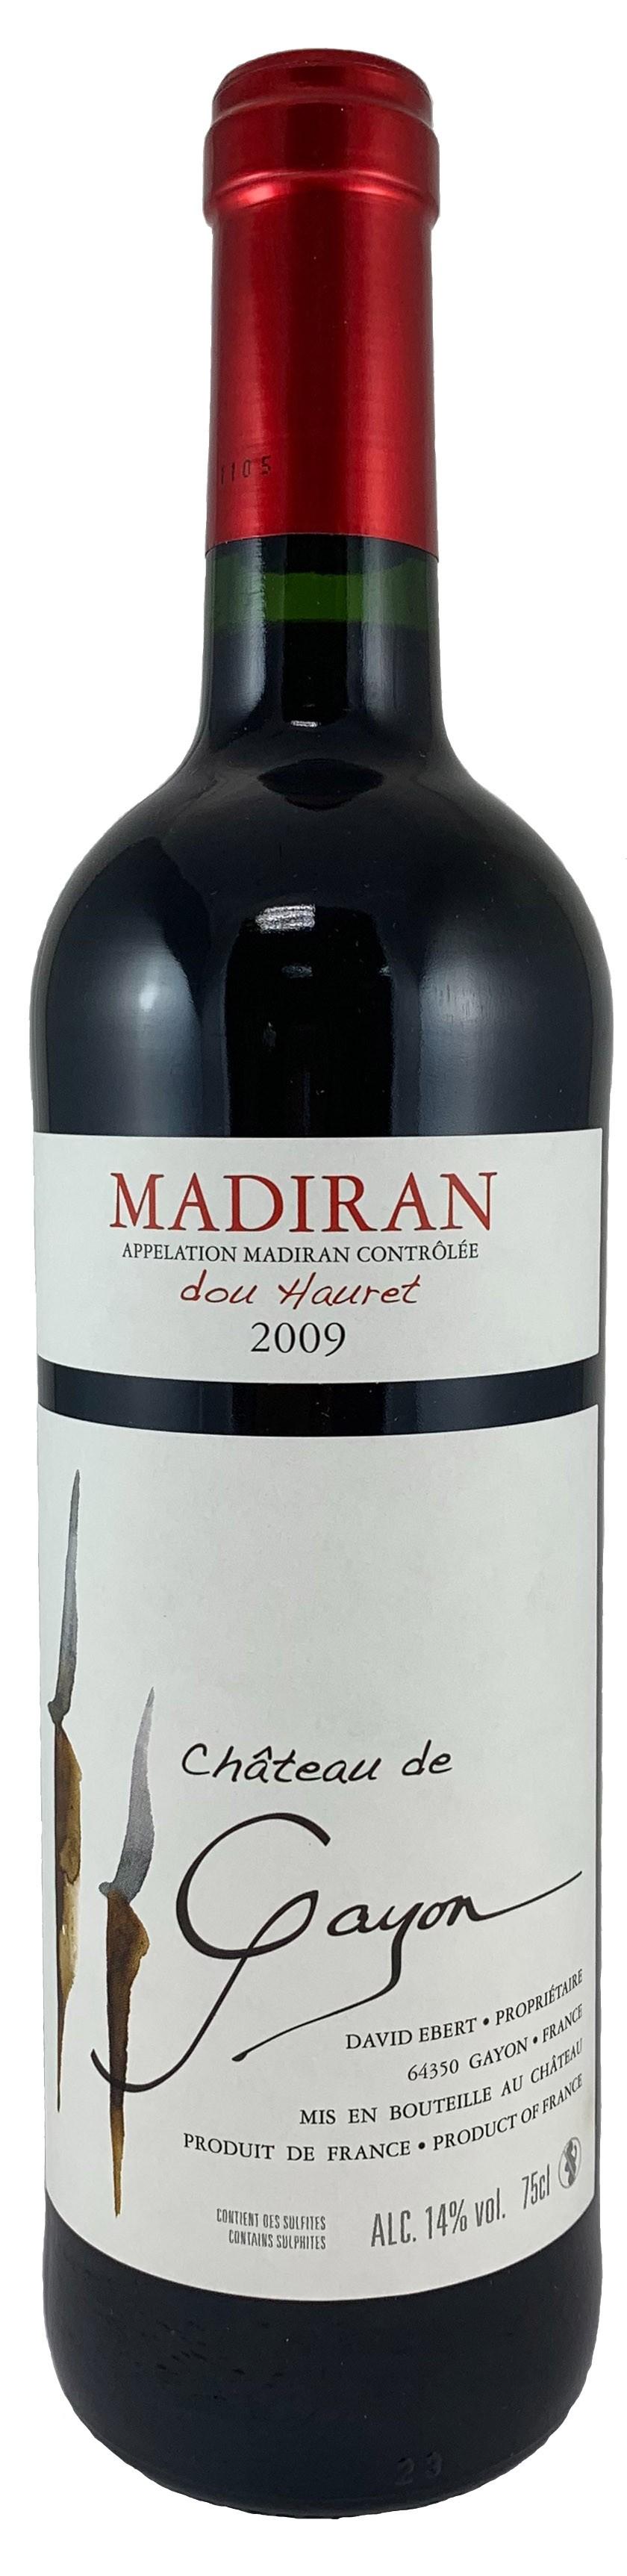 法國 馬第宏AOC 蓋永酒莊 杜黑尊爵紅酒2009